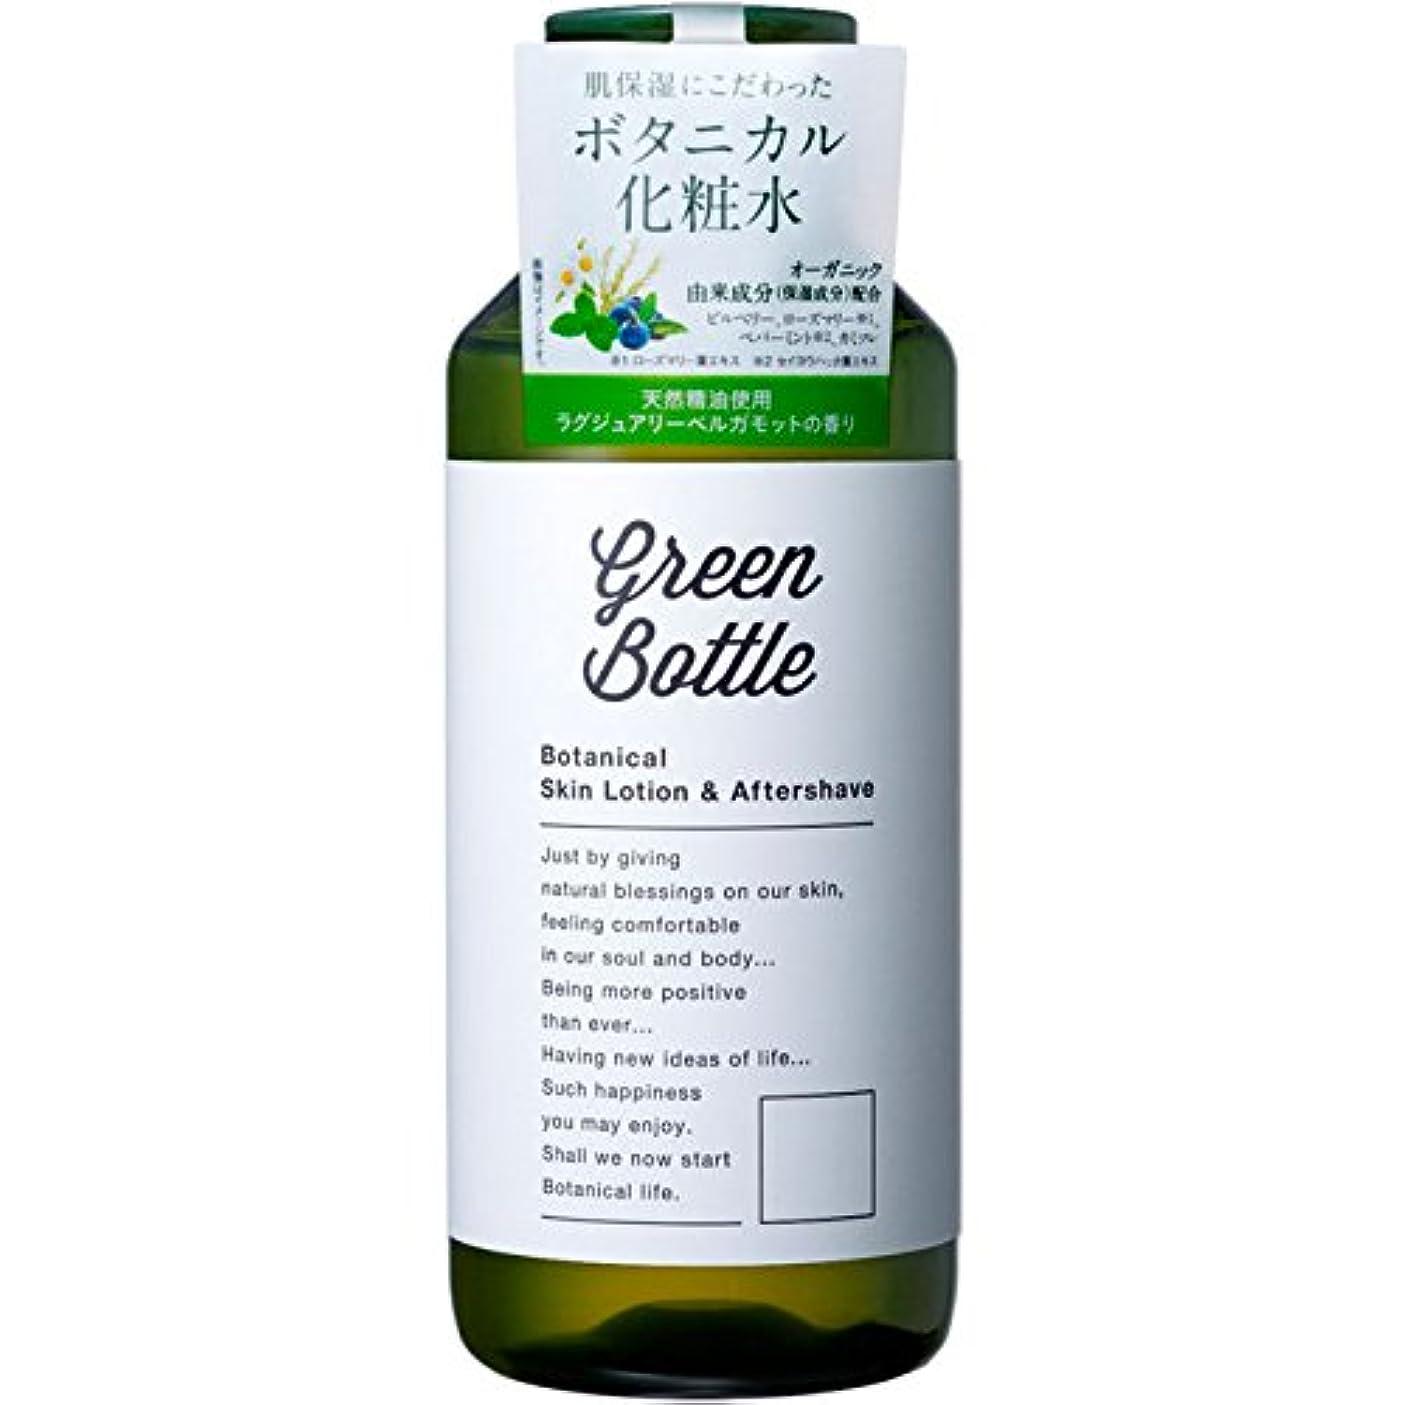 一緒性格疎外グリーンボトル ボタニカル化粧水